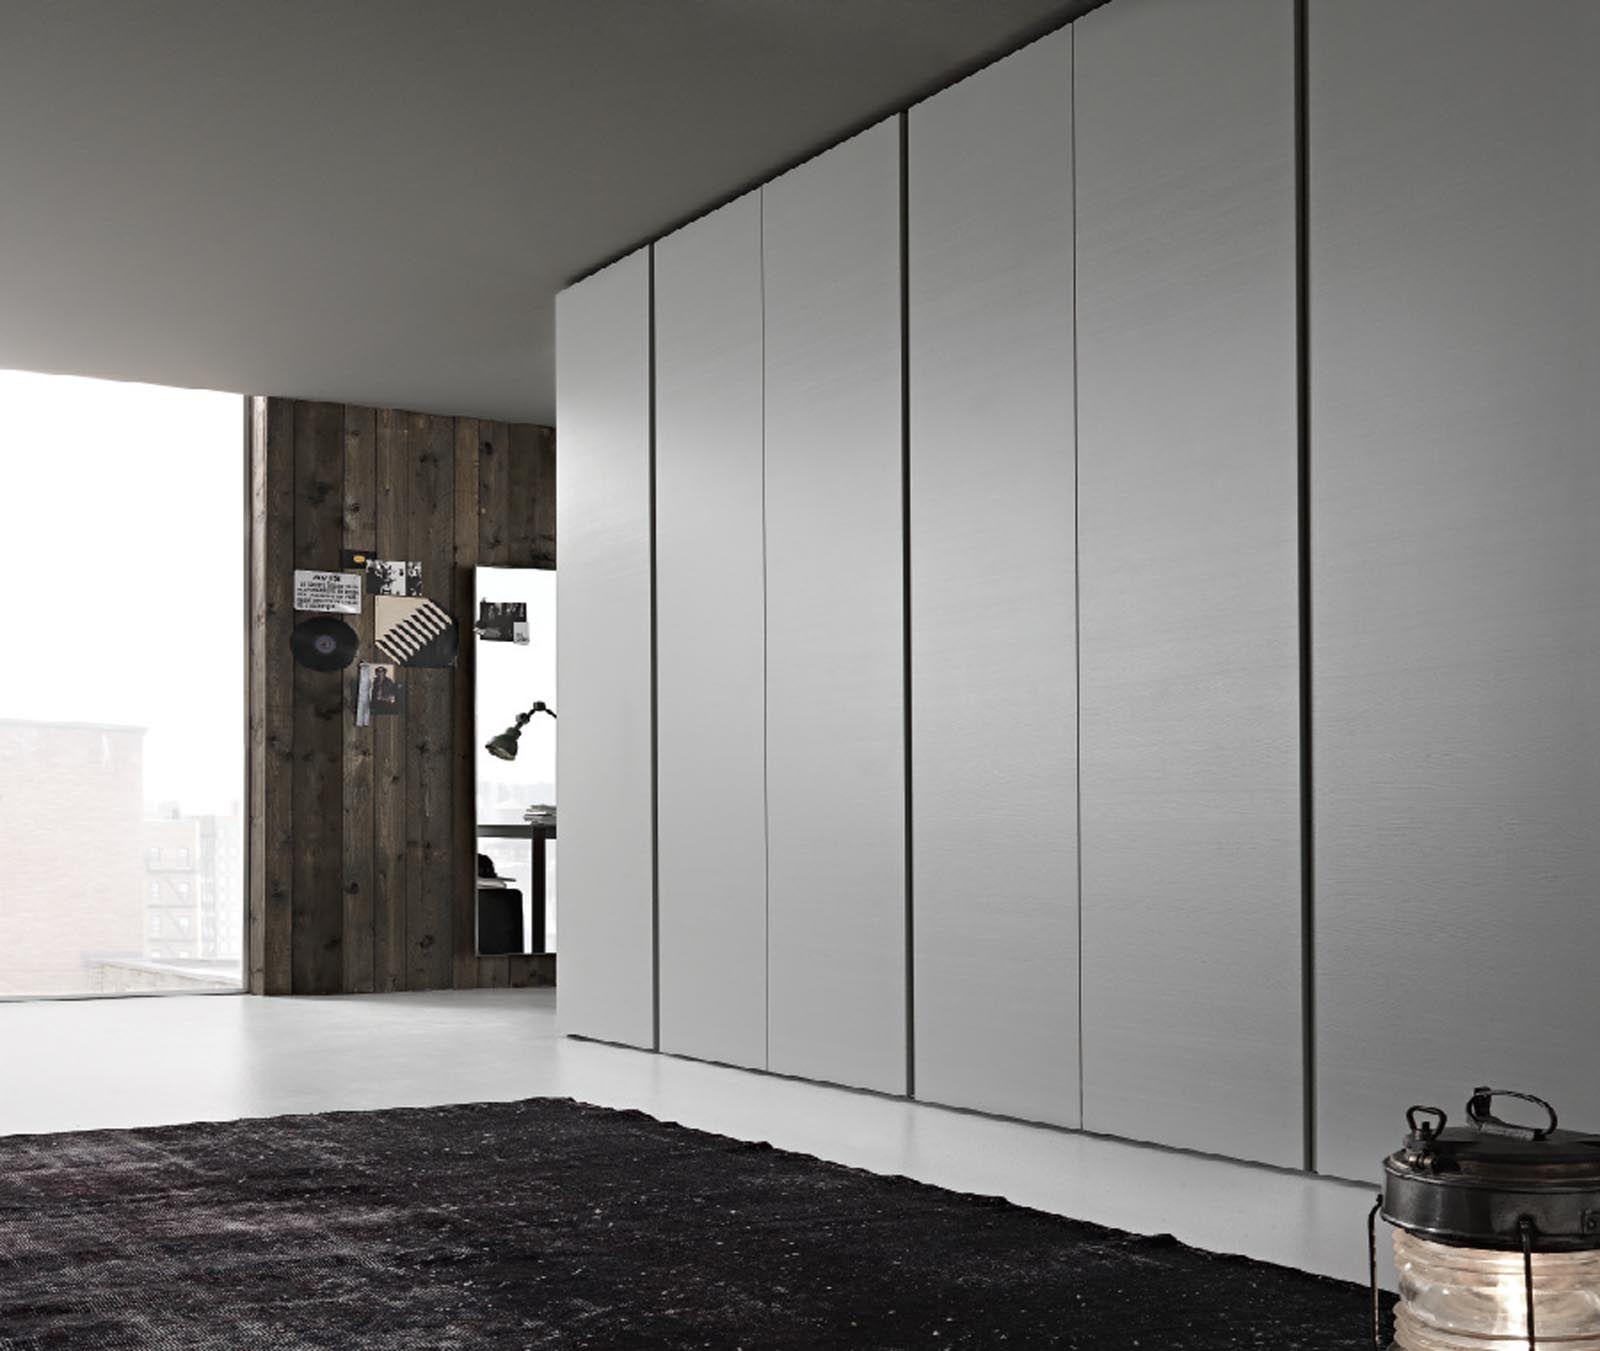 Ντουλάπα | Products | Casa Vogue Theocharidis - Επιπλα & Διακόσμηση Casa Vogue Luxury Living Θεοχαρίδης